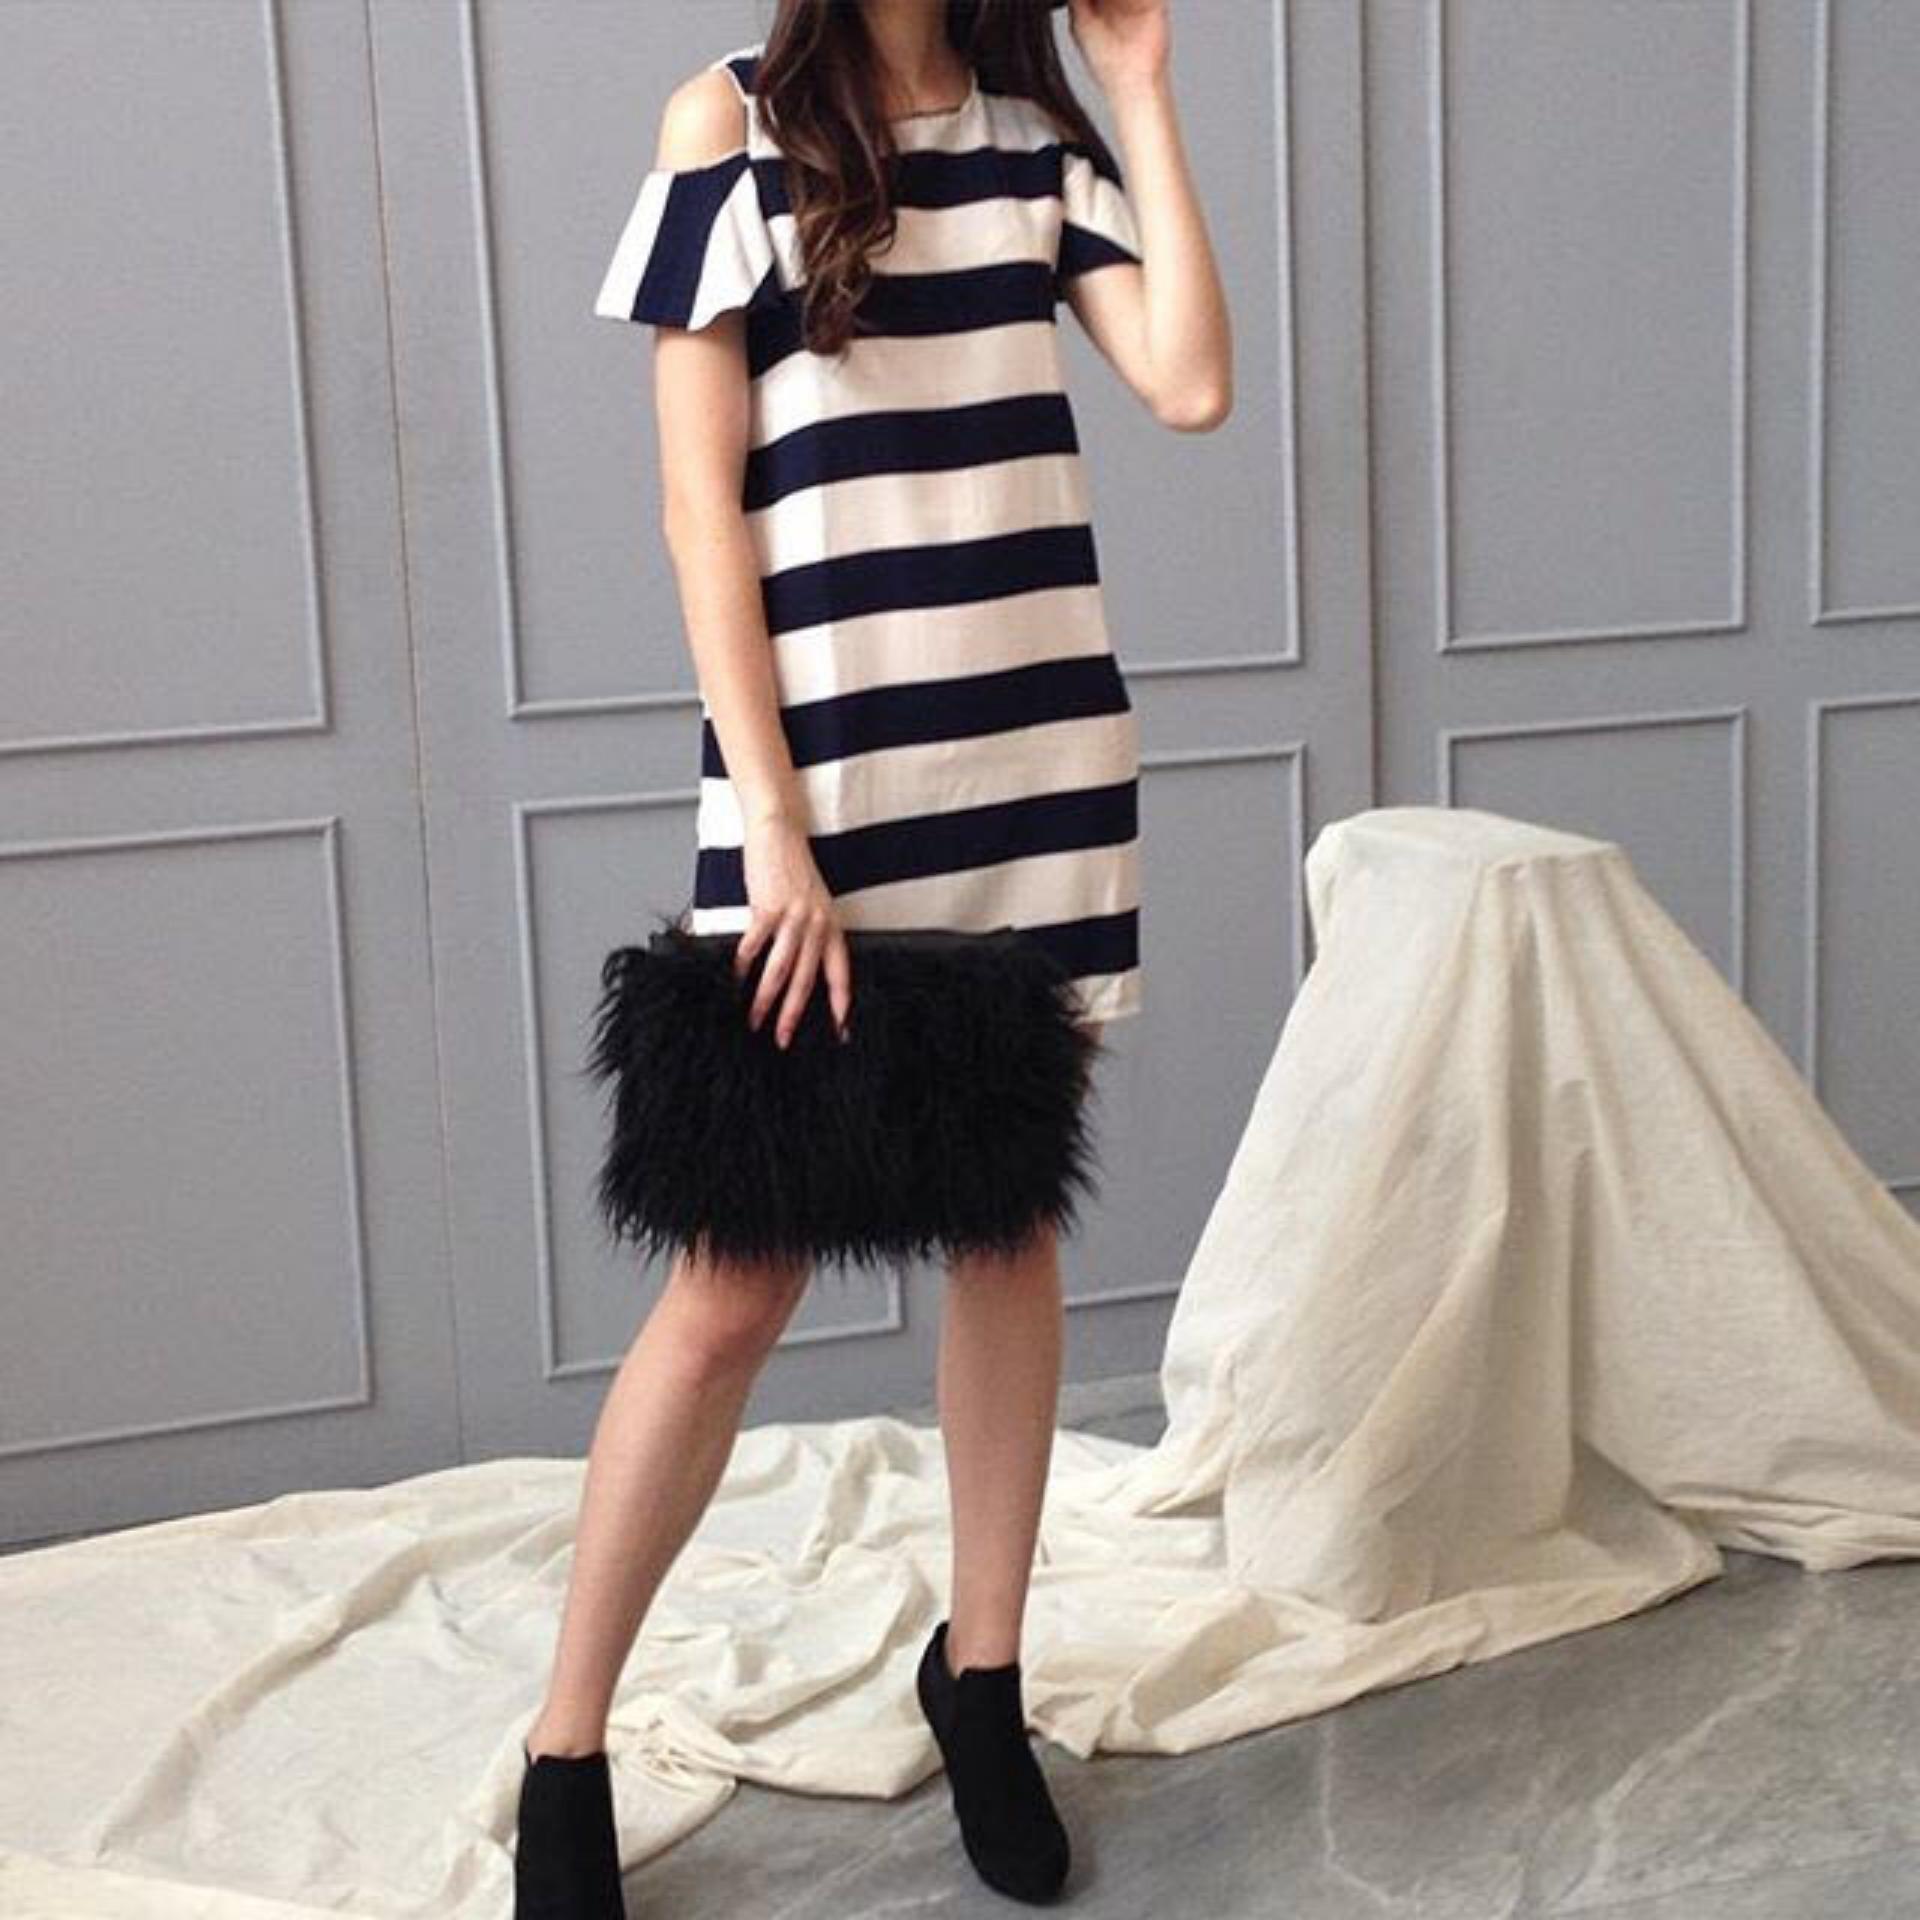 Flash Sale Flavia Store Dress Lengan Pendek Pundak Bolong Salur FS0083 - HITAM PUTIH / Gaun